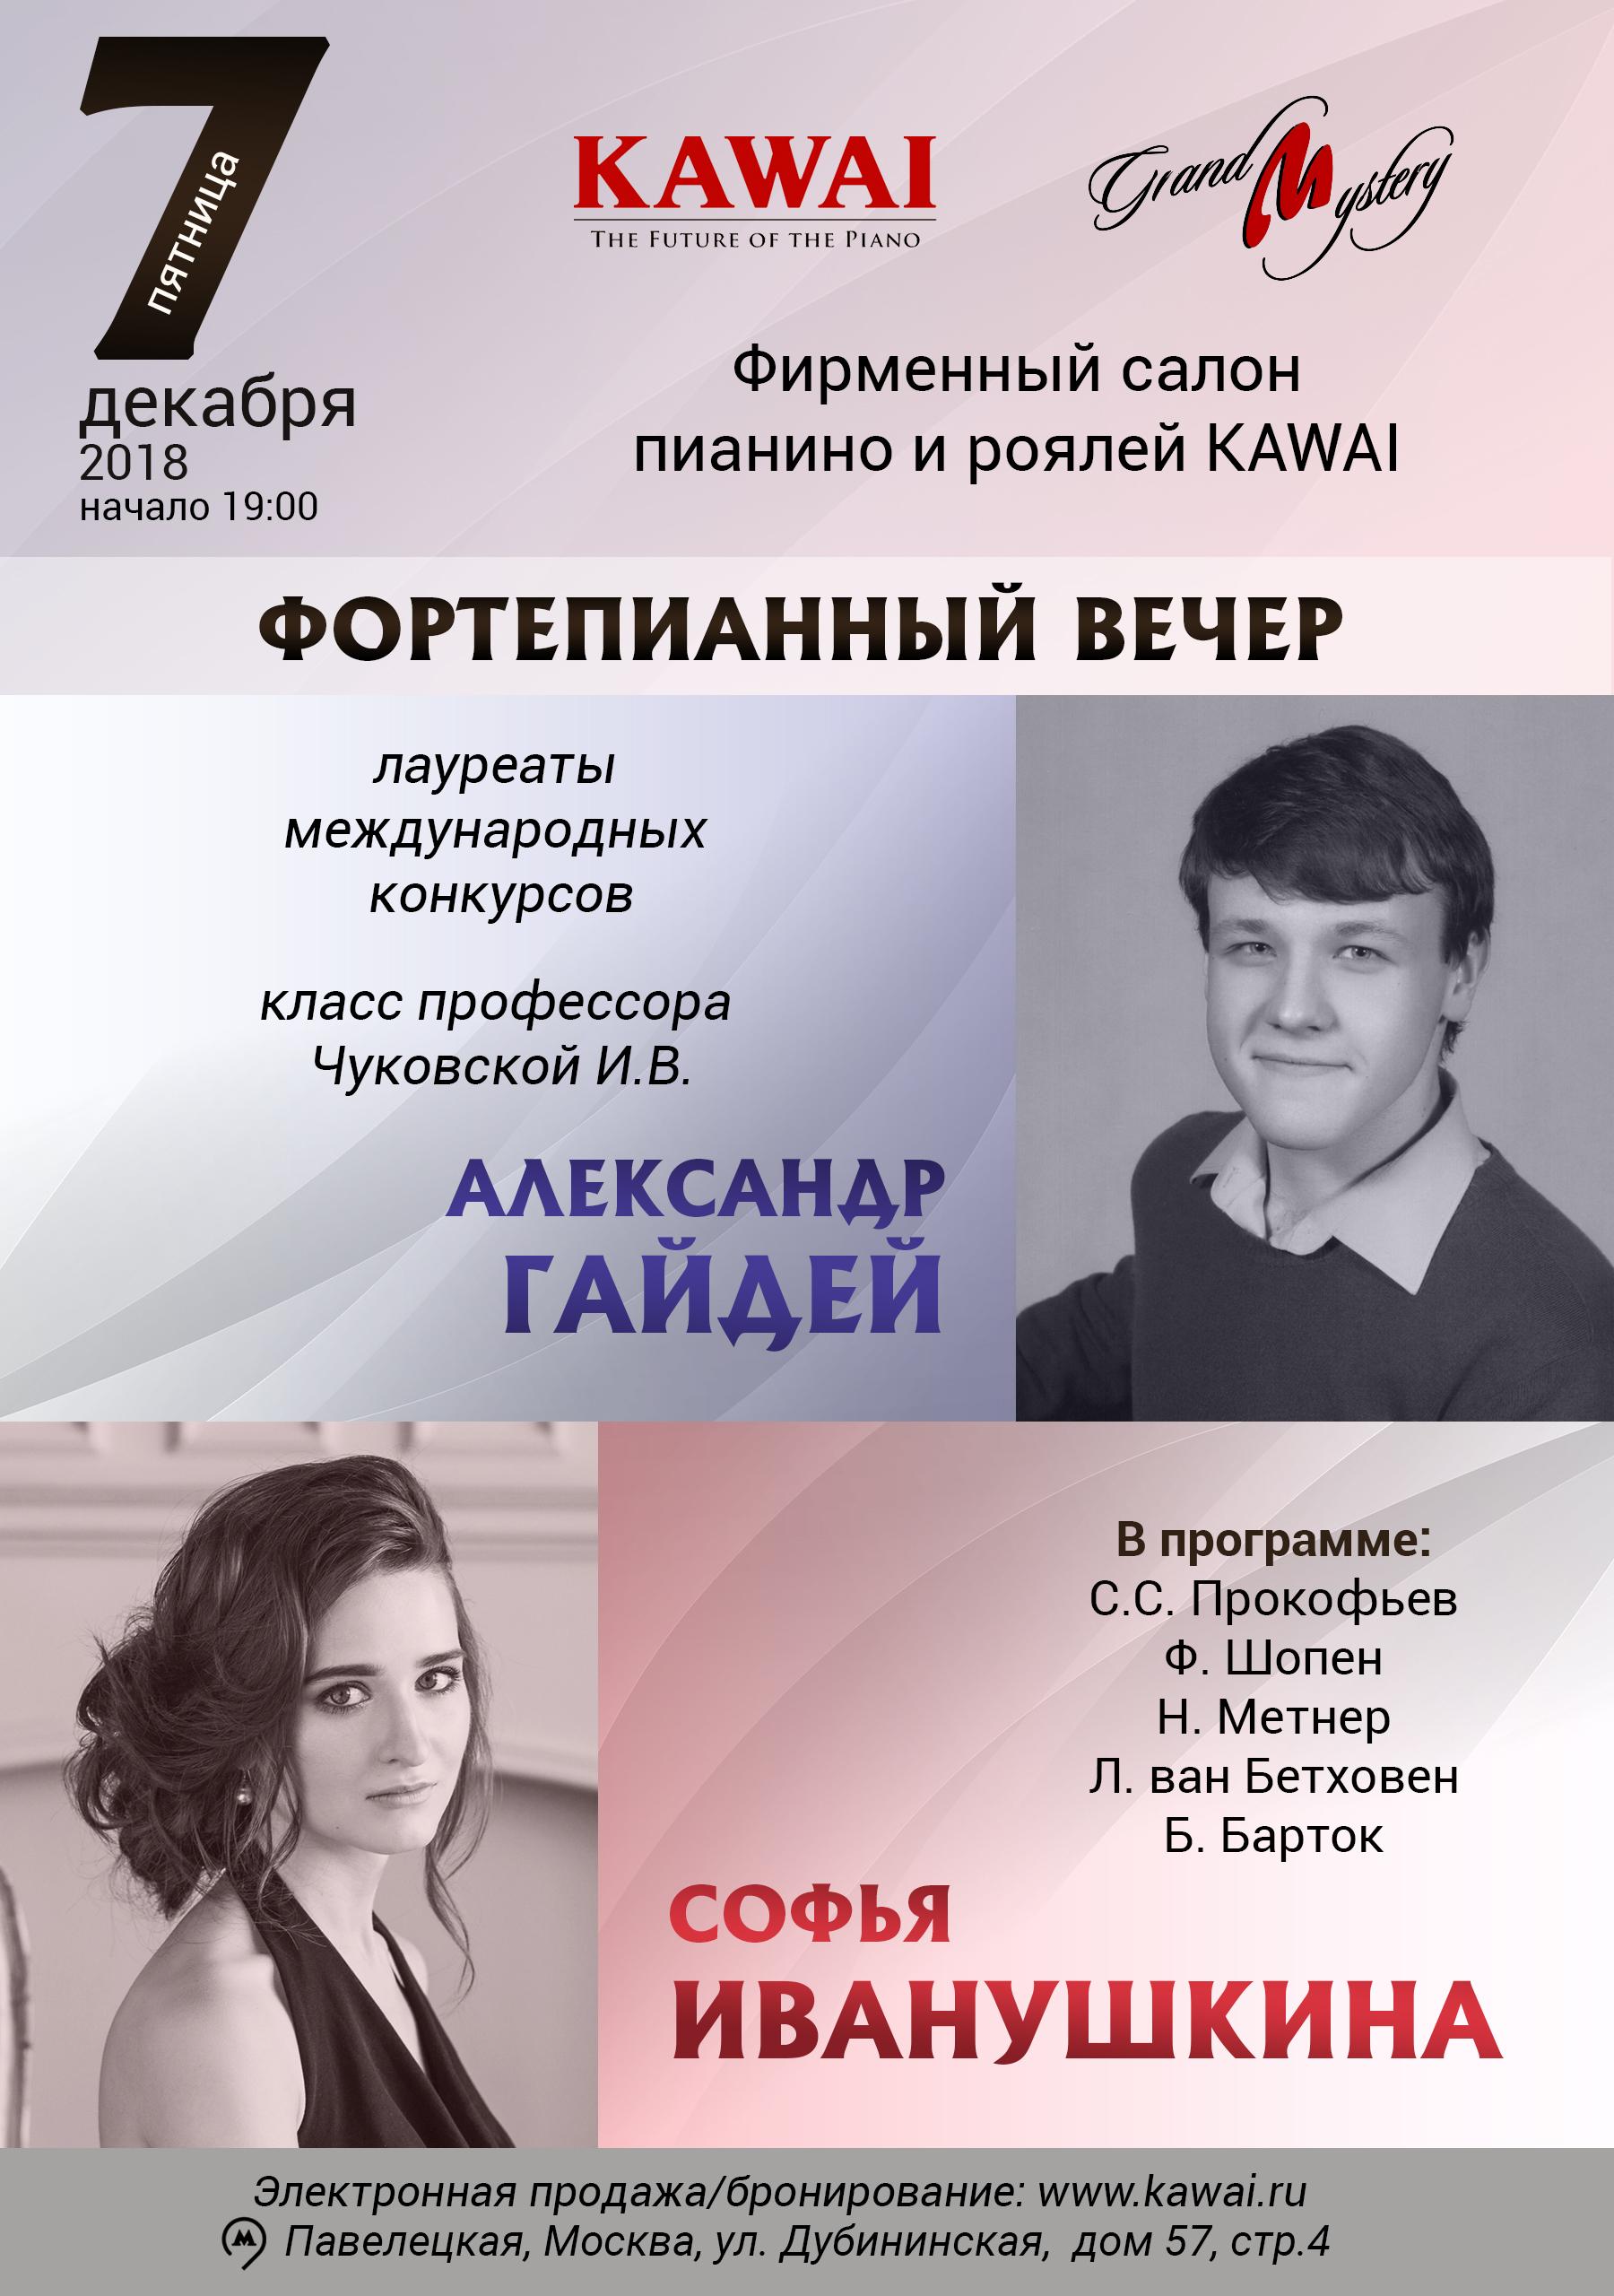 Фортепианный вечер Софьи Иванушкиной и Александра Гайдея